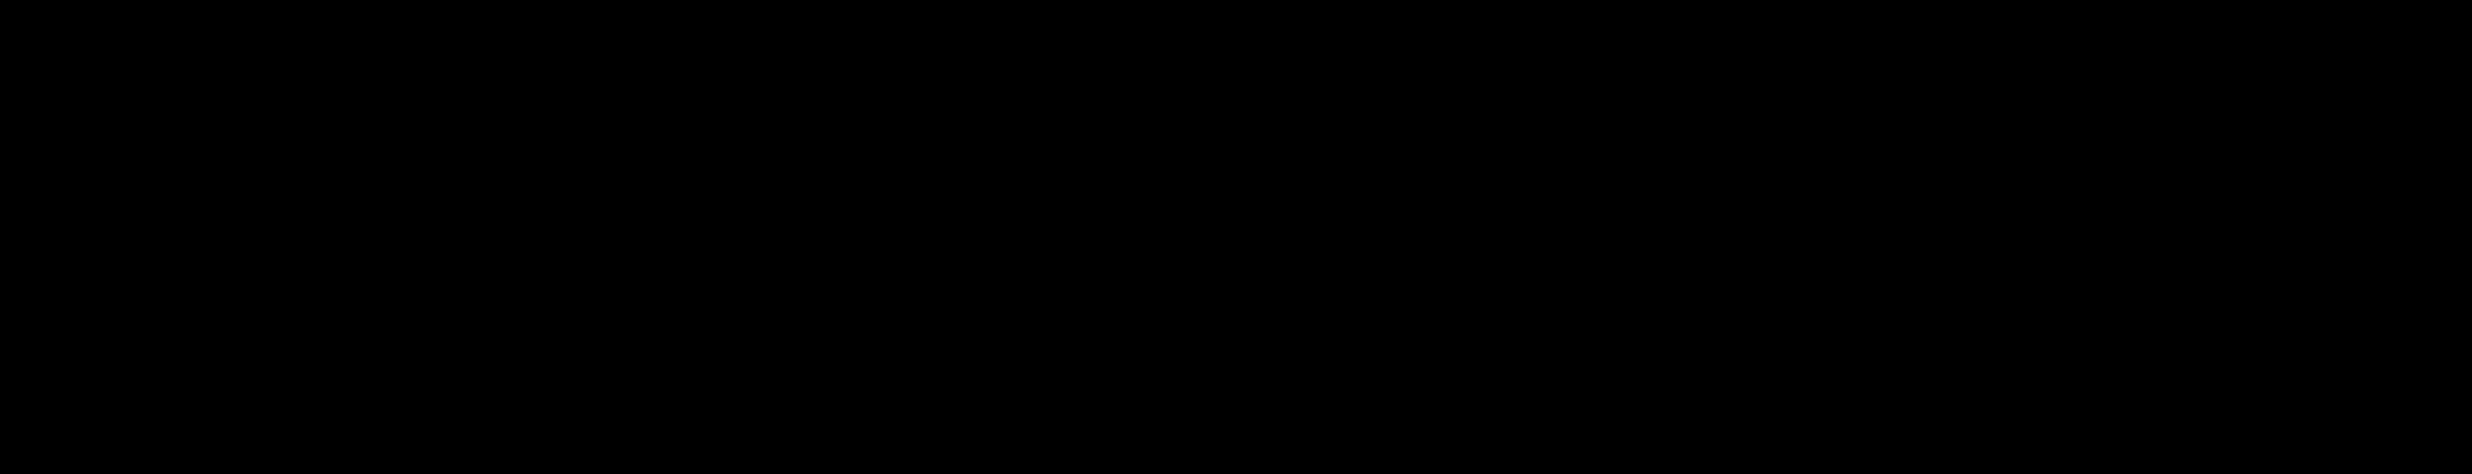 N-(3-{2-[2-(3-Acryloylaminopropoxy)ethoxy]ethoxy}propyl)acrylamide